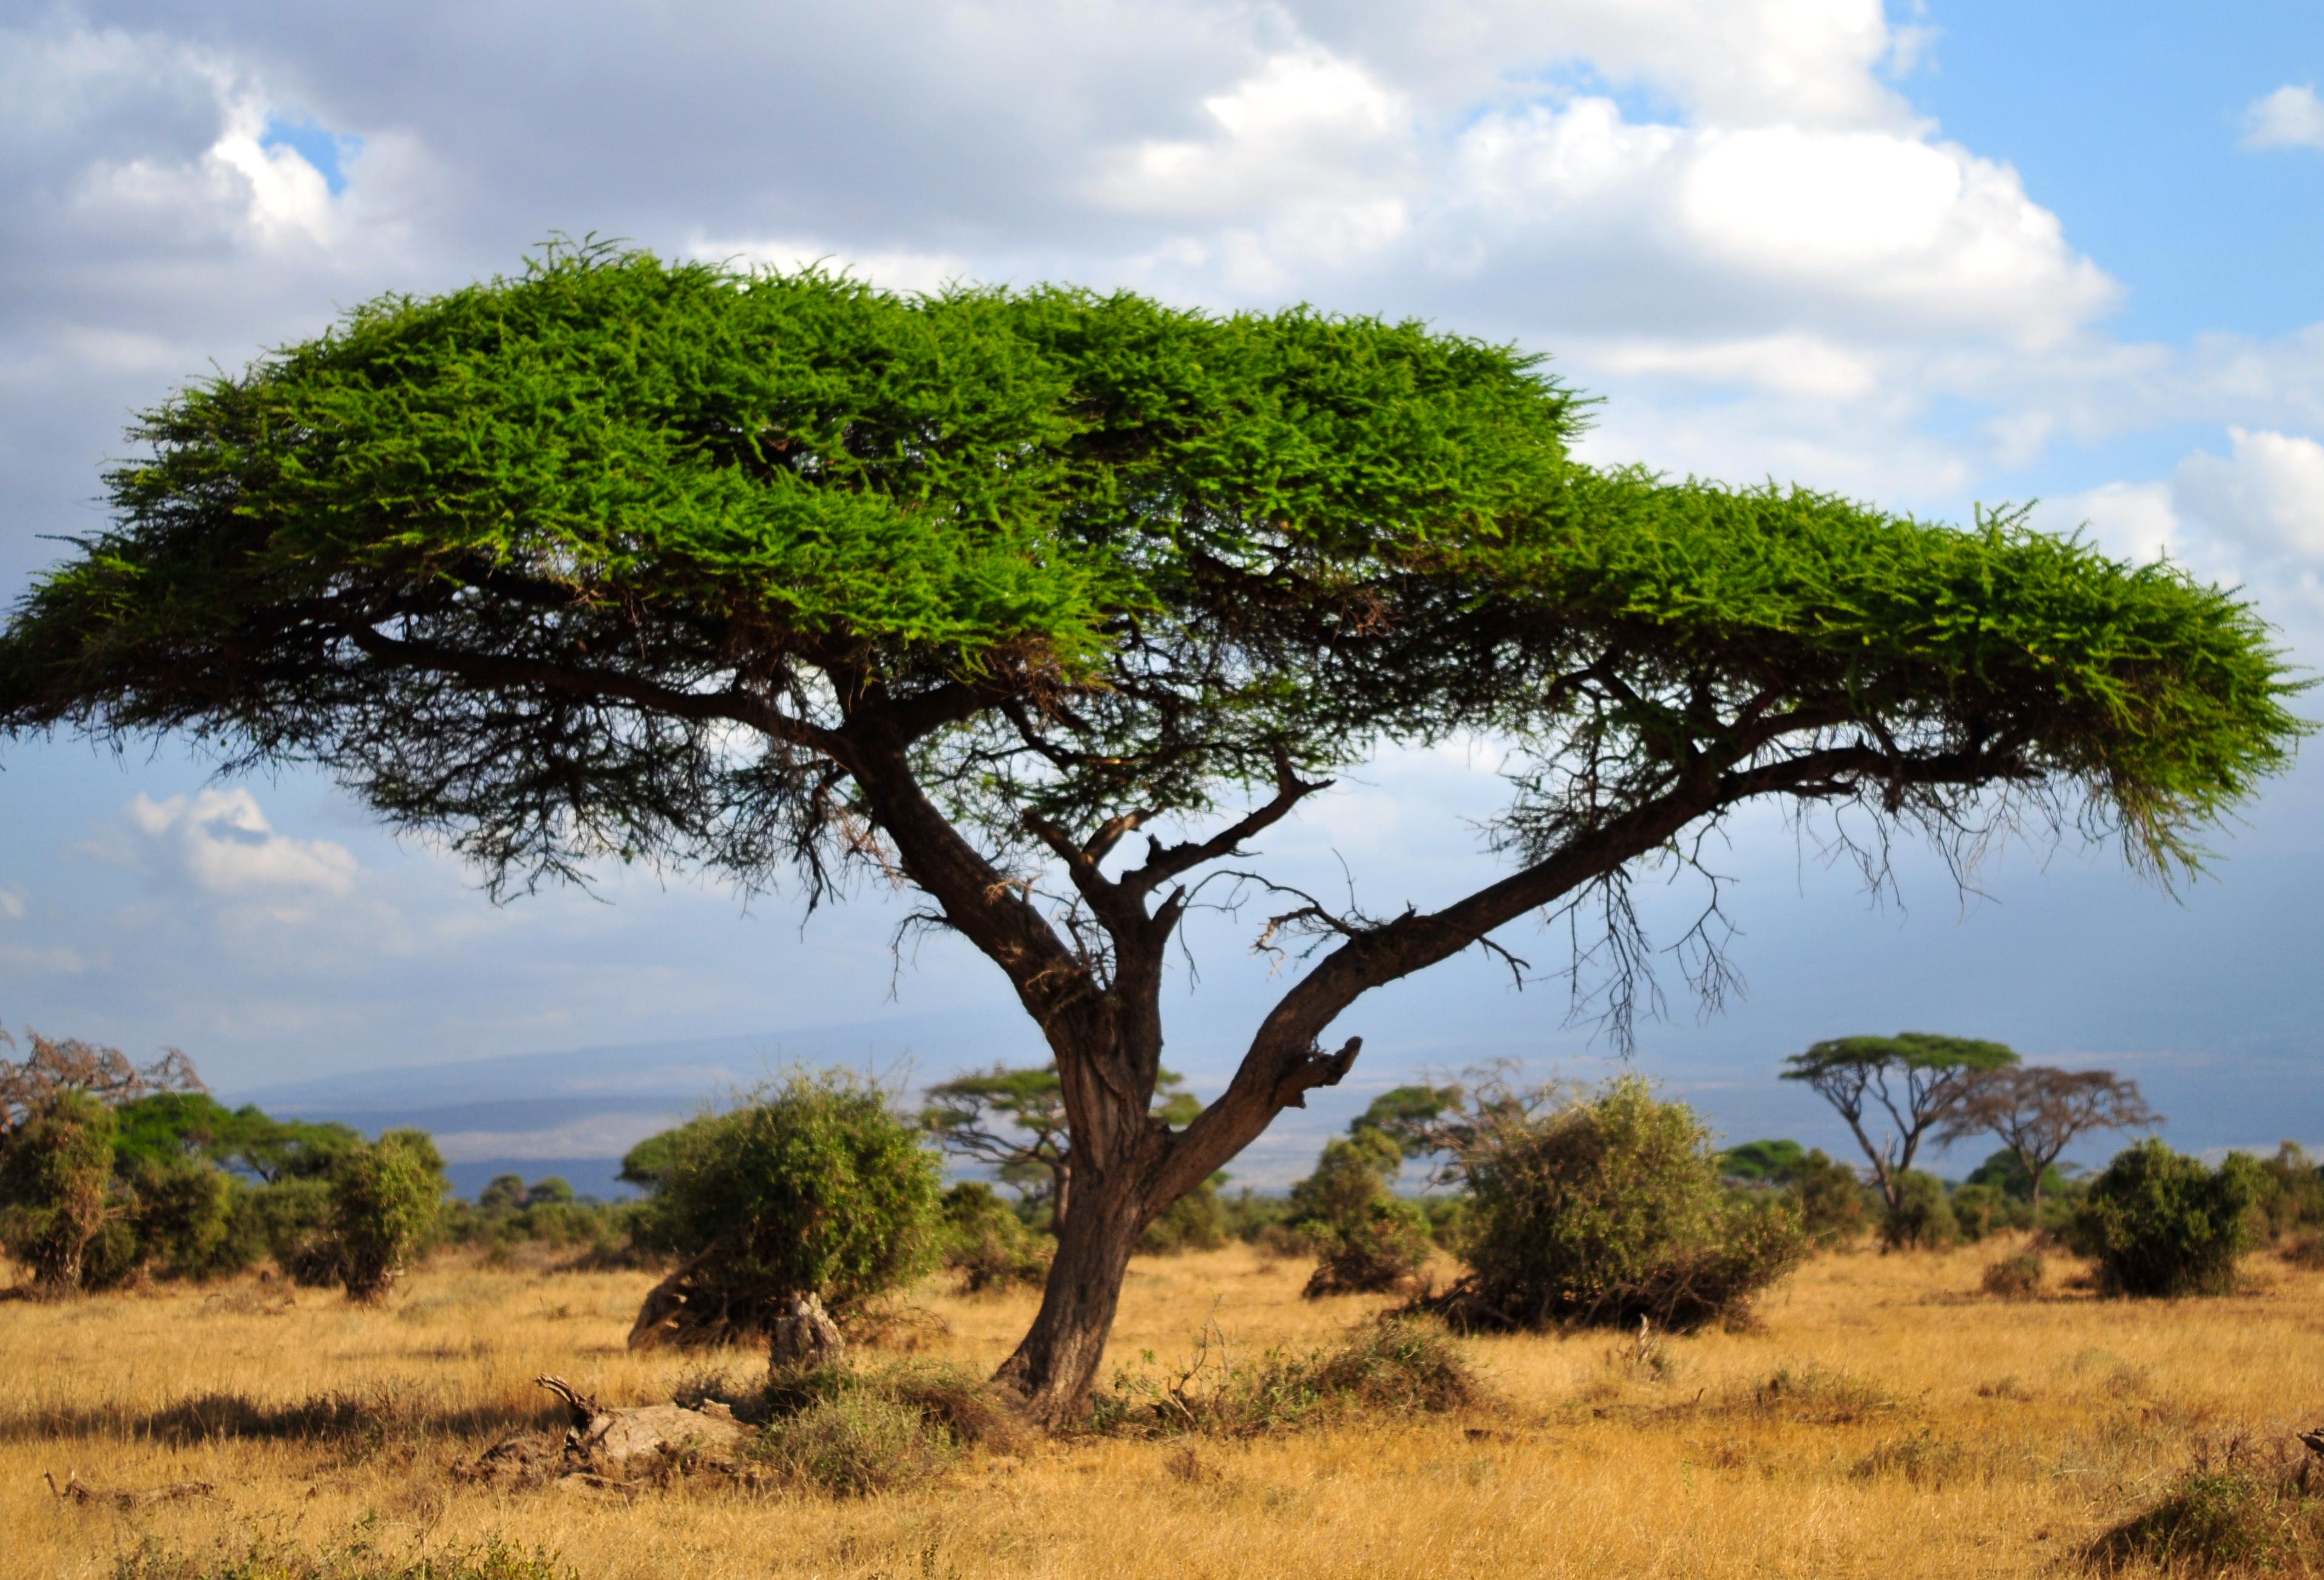 000亩的原野是野生动物保护区